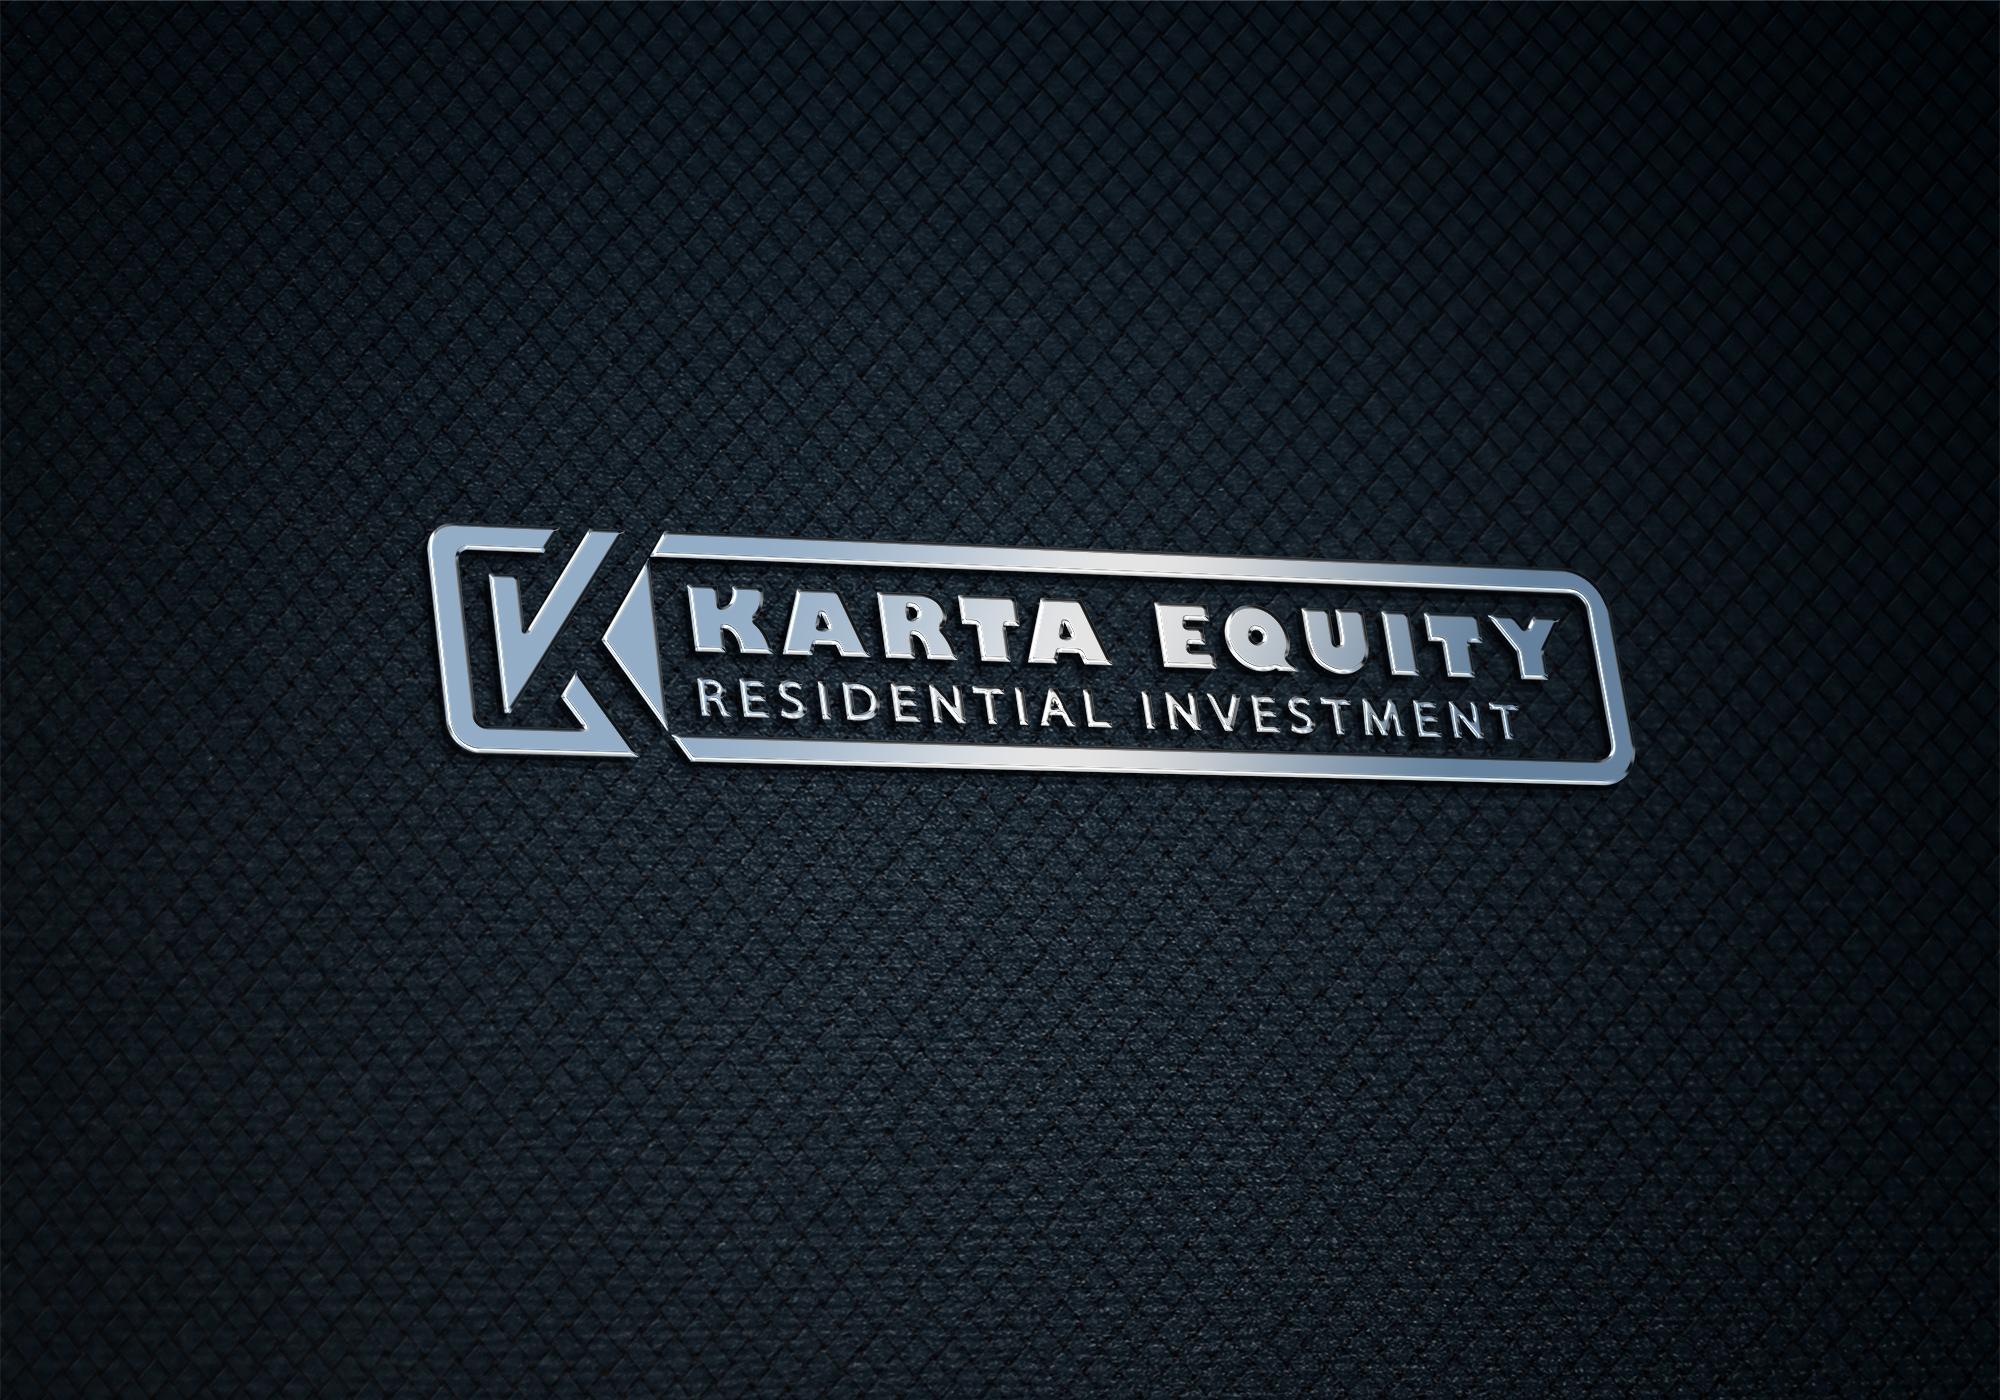 Логотип для компании инвестироваюшей в жилую недвижимость фото f_1425e17506ab9b9e.jpg